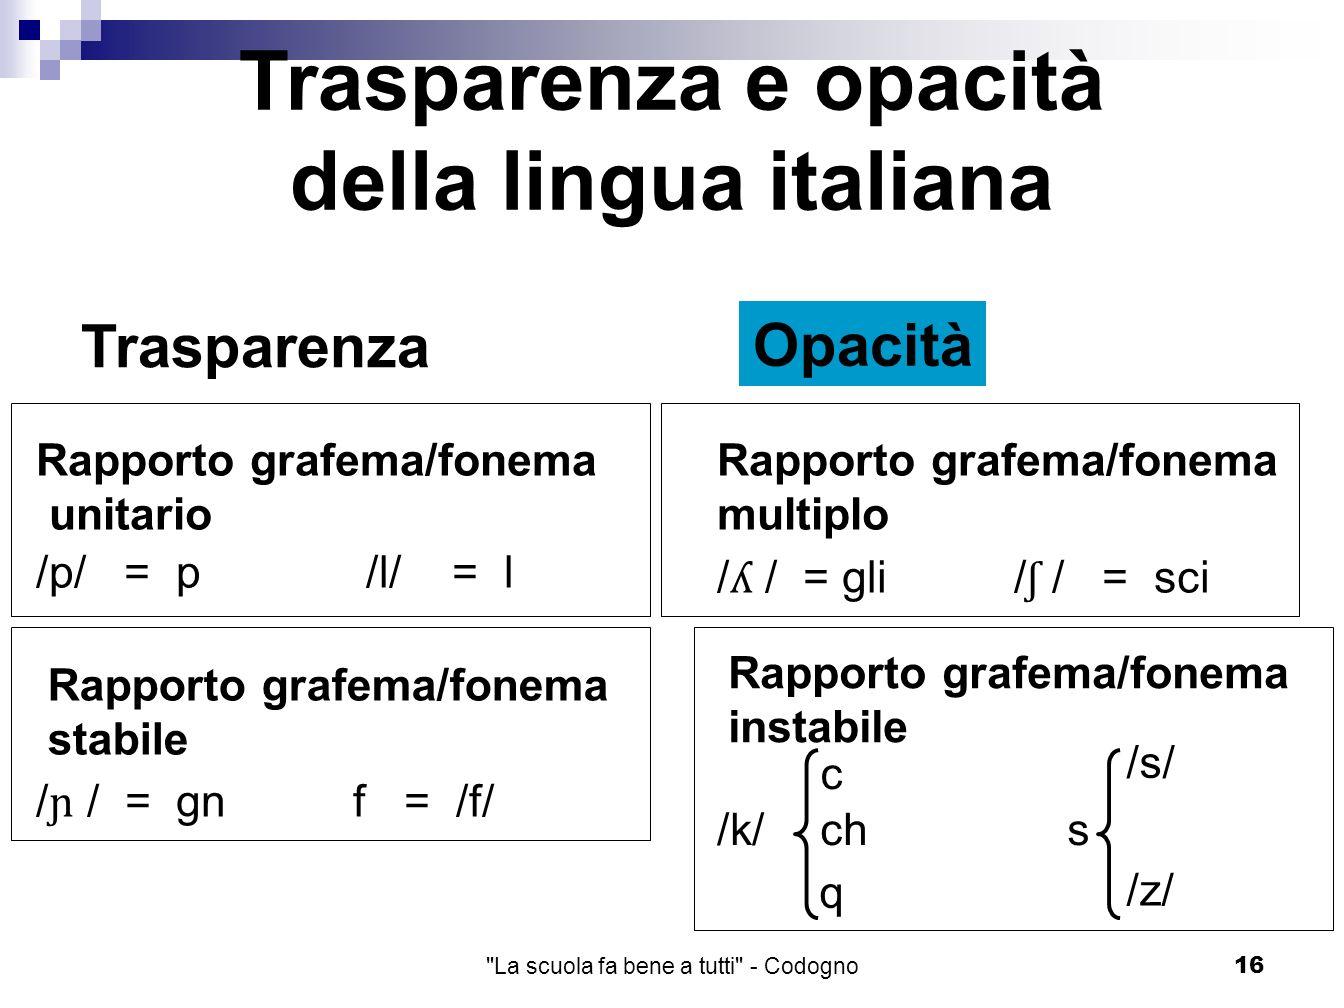 La scuola fa bene a tutti - Codogno16 Trasparenza e opacità della lingua italiana Trasparenza Opacità Rapporto grafema/fonema unitario Rapporto grafema/fonema multiplo /p/ = p /l/ = l / ʎ / = gli / ʃ / = sci Rapporto grafema/fonema stabile Rapporto grafema/fonema instabile / ɲ / = gn f = /f/ /k/s /s/ /z/ c q ch